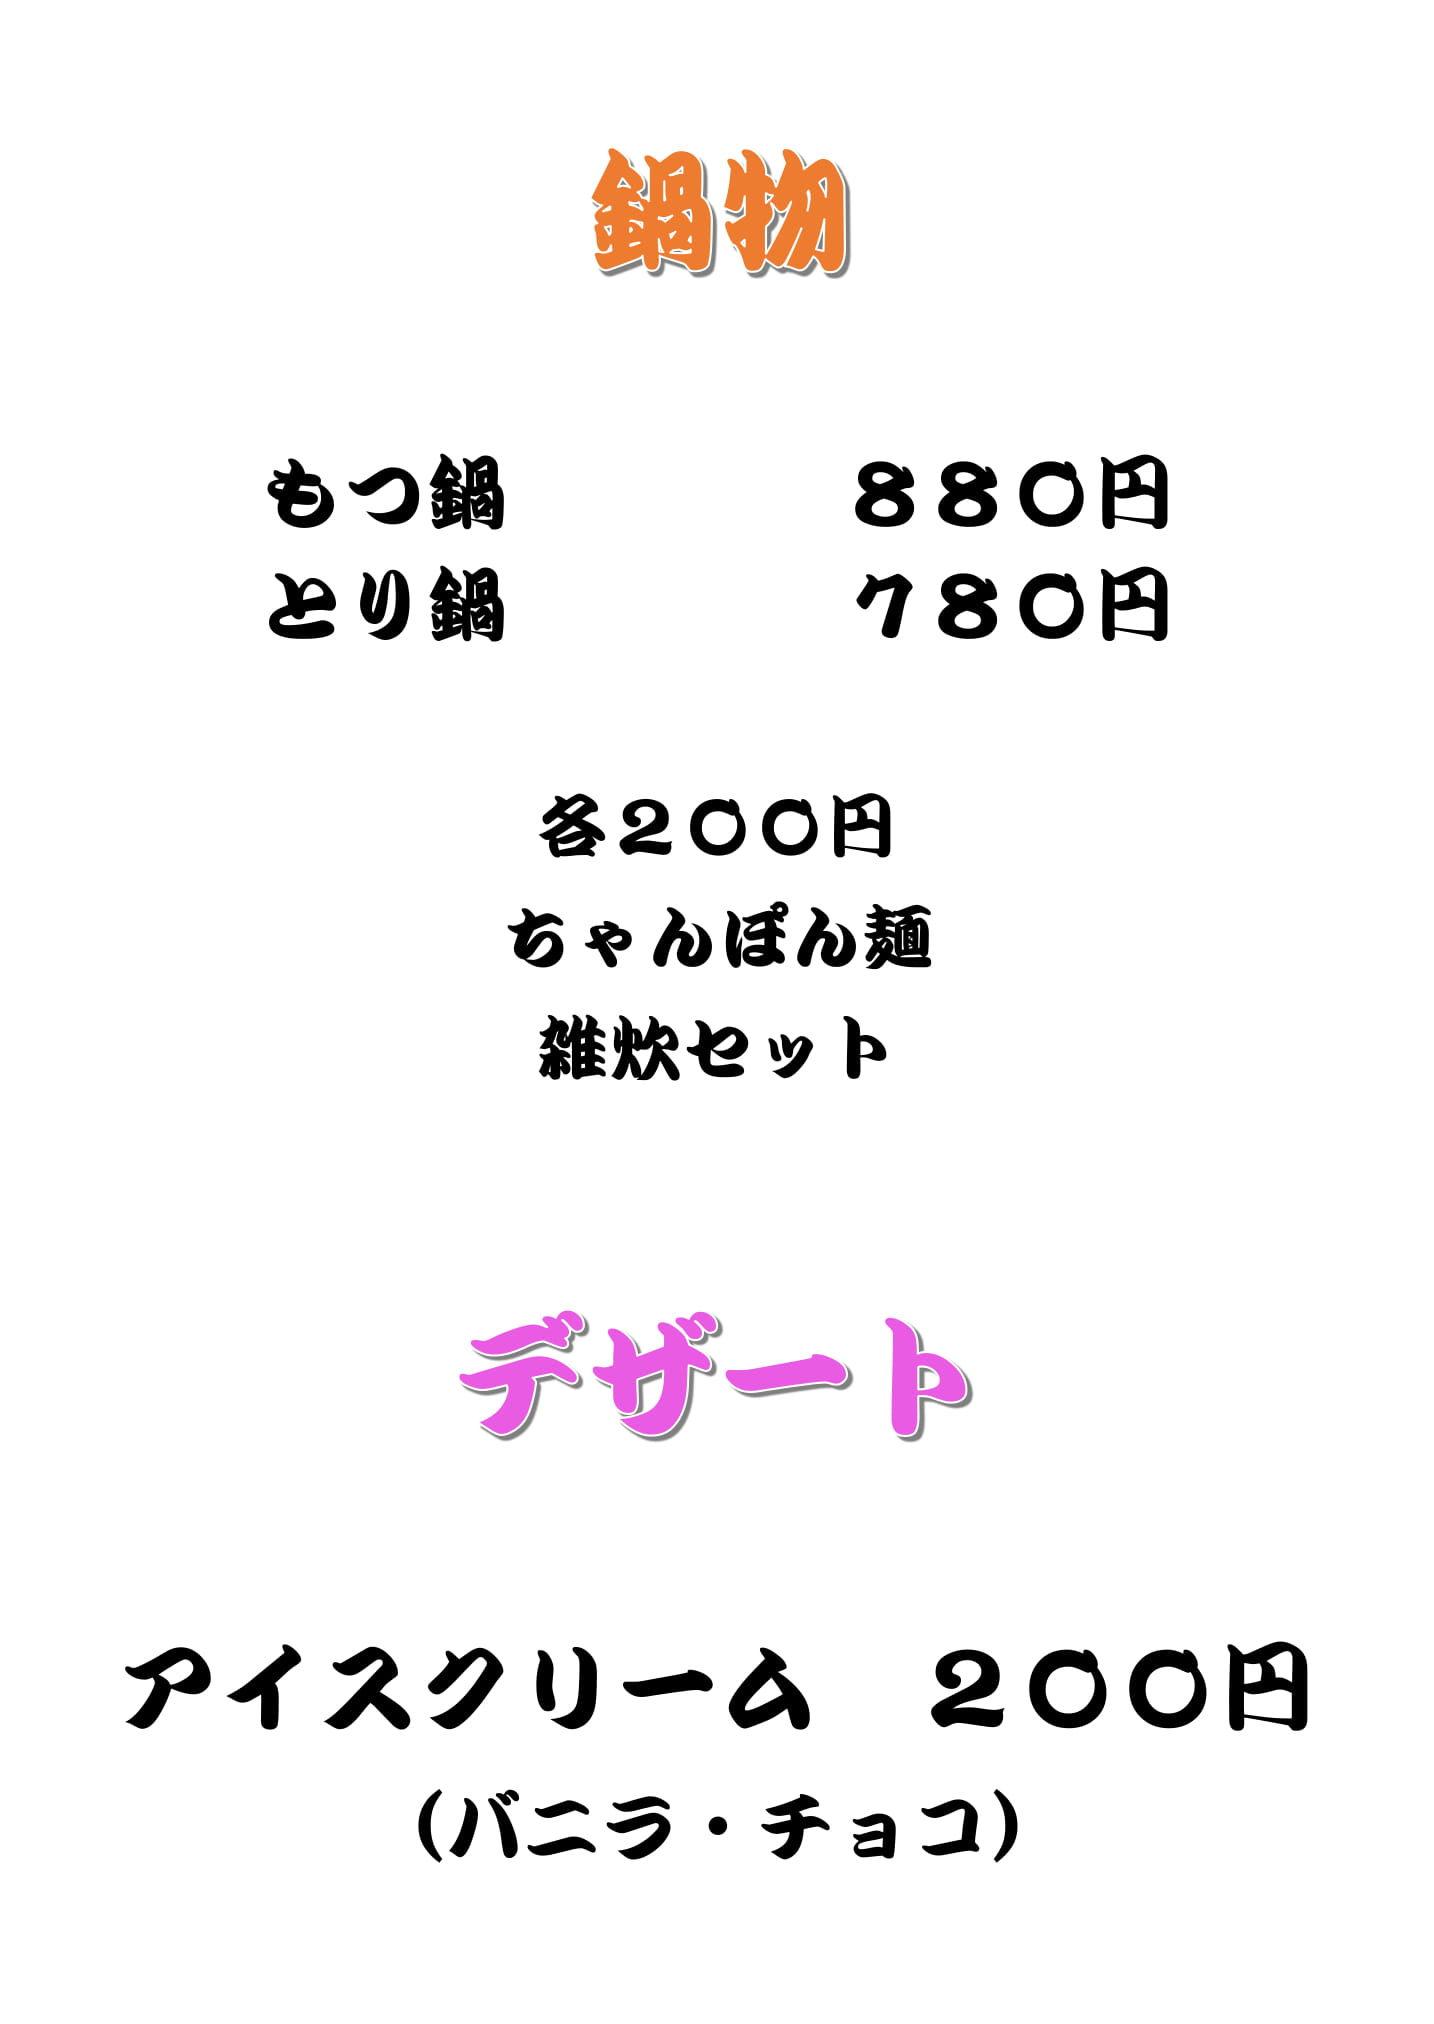 ご飯物・デザートメニュー-2.jpg